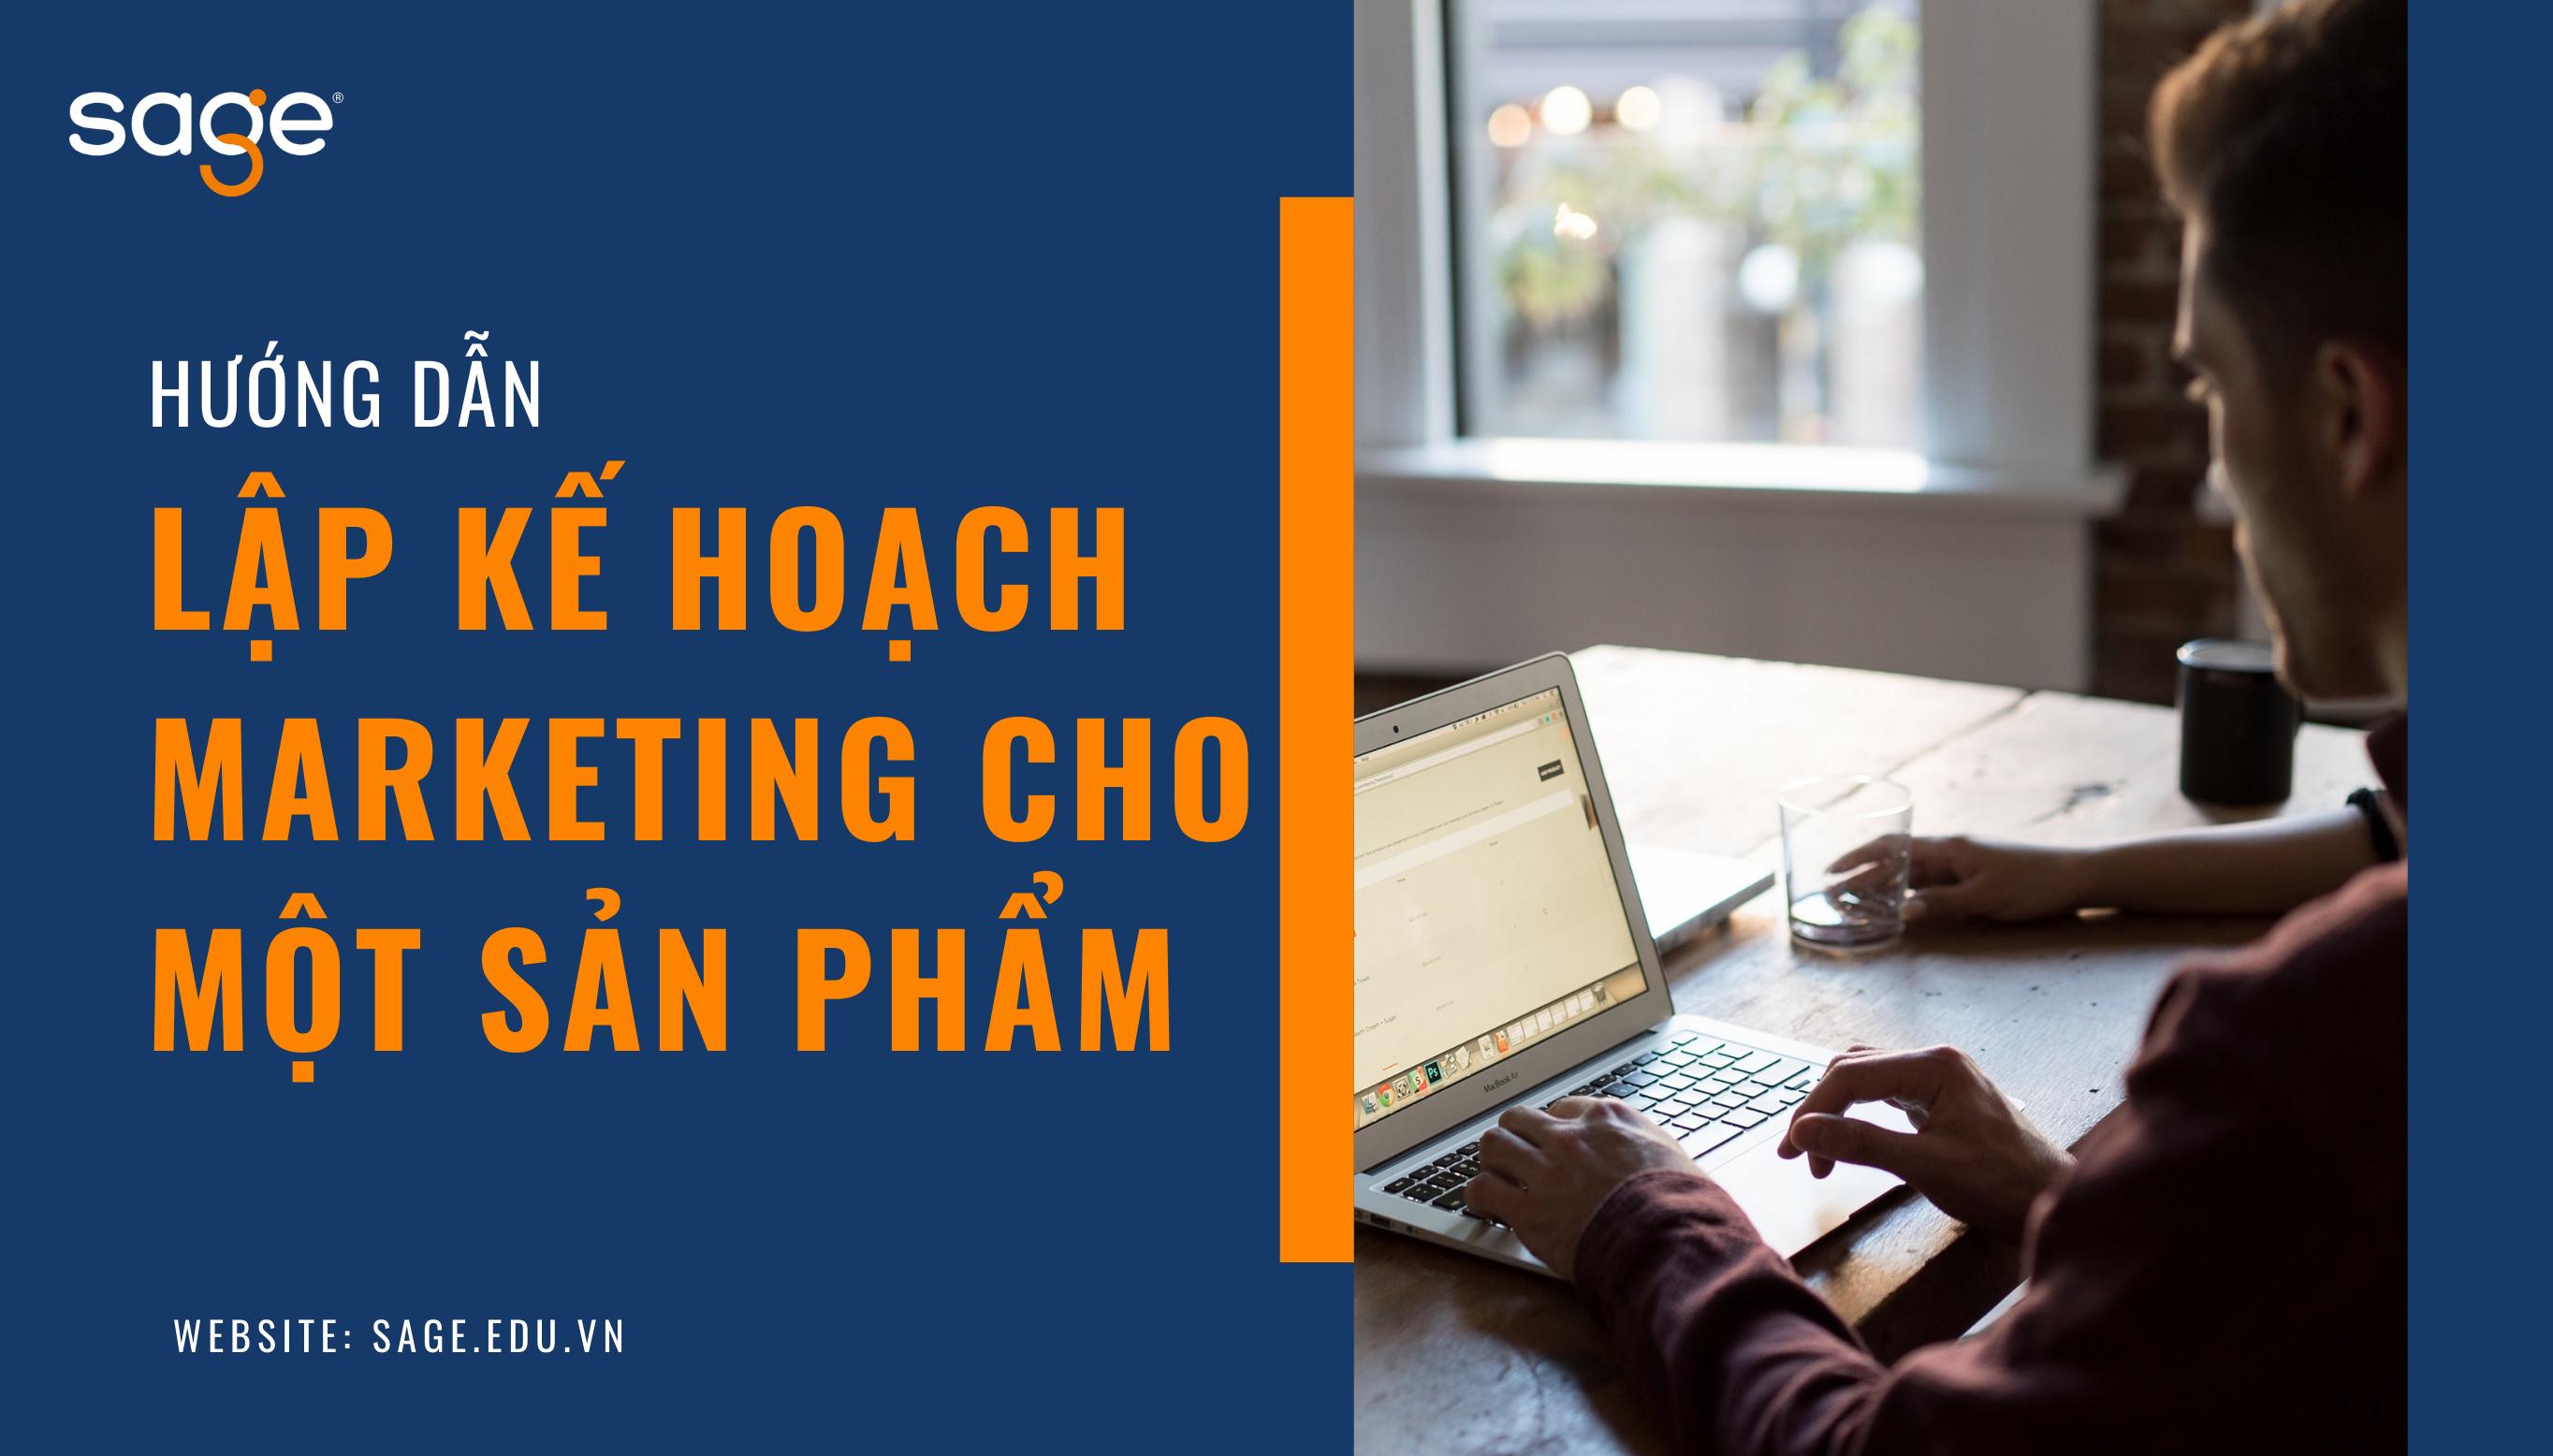 ke-hoach-marketing-cho-mot-san-pham